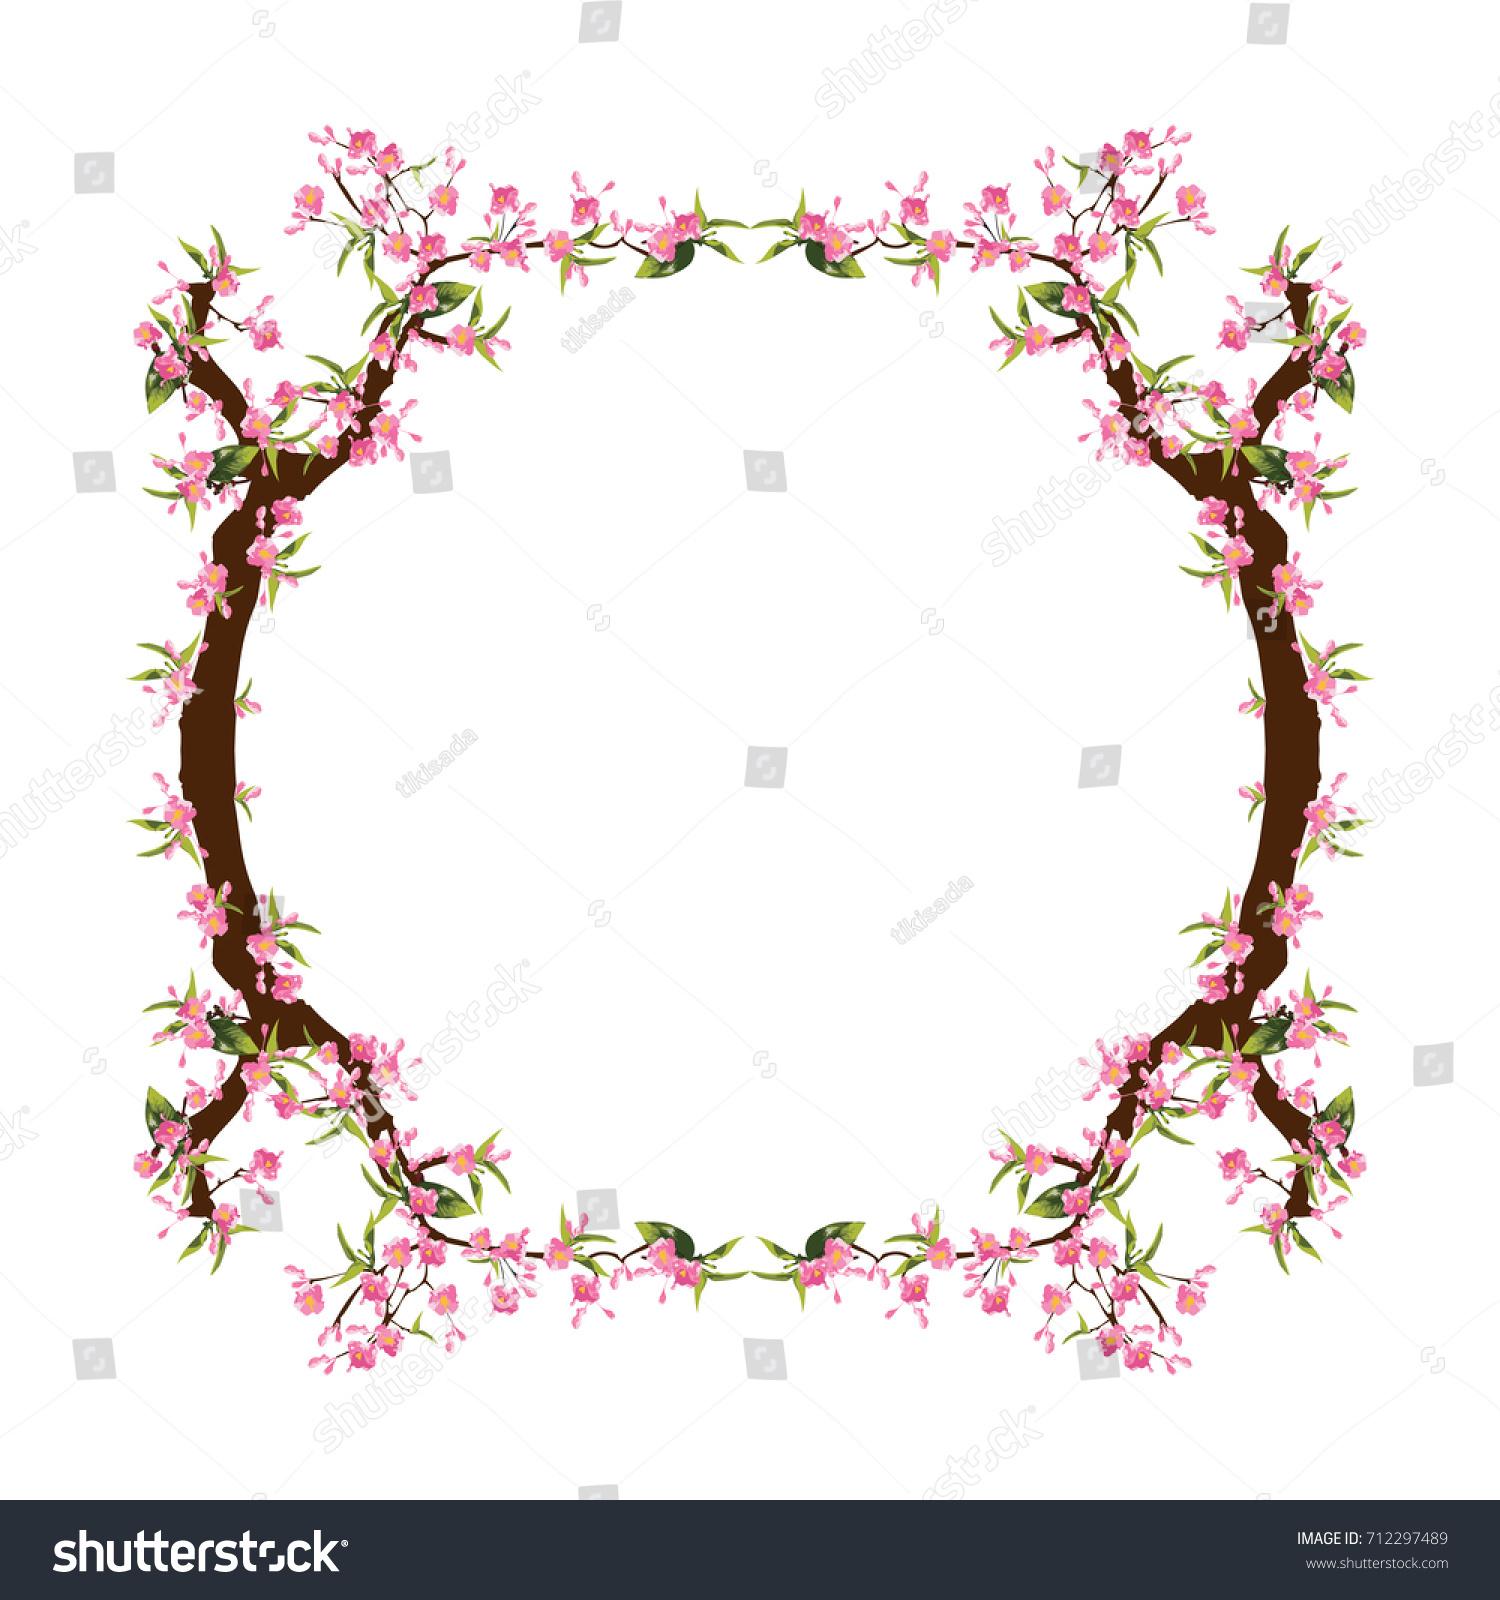 Full Bloom Sakura Flower Tree Isolated Stock Vector ...